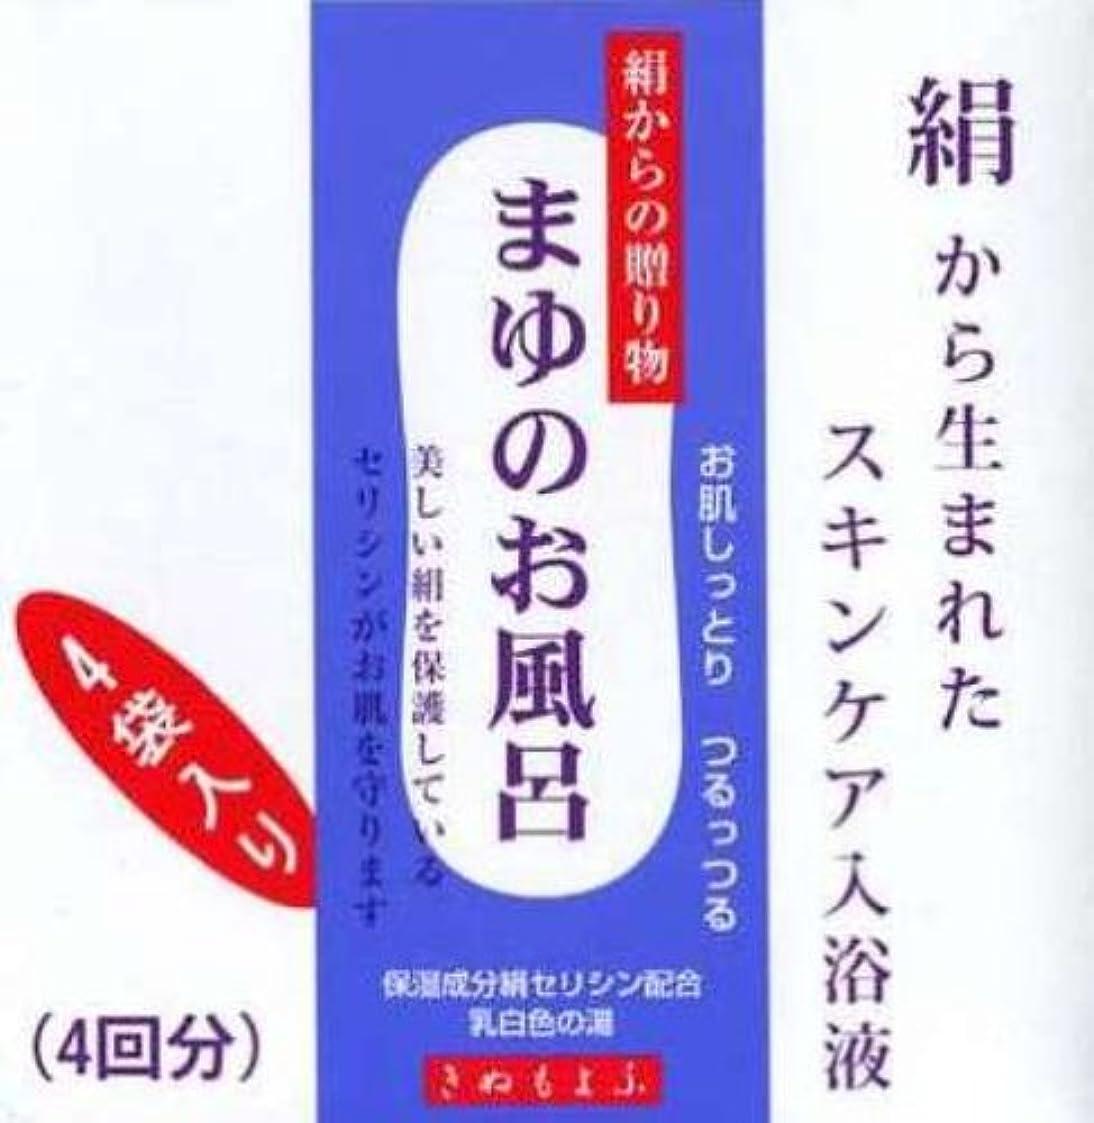 ガム幸運一次まゆシリーズ きぬもよふ まゆのお風呂 25ml(1回分×4袋)